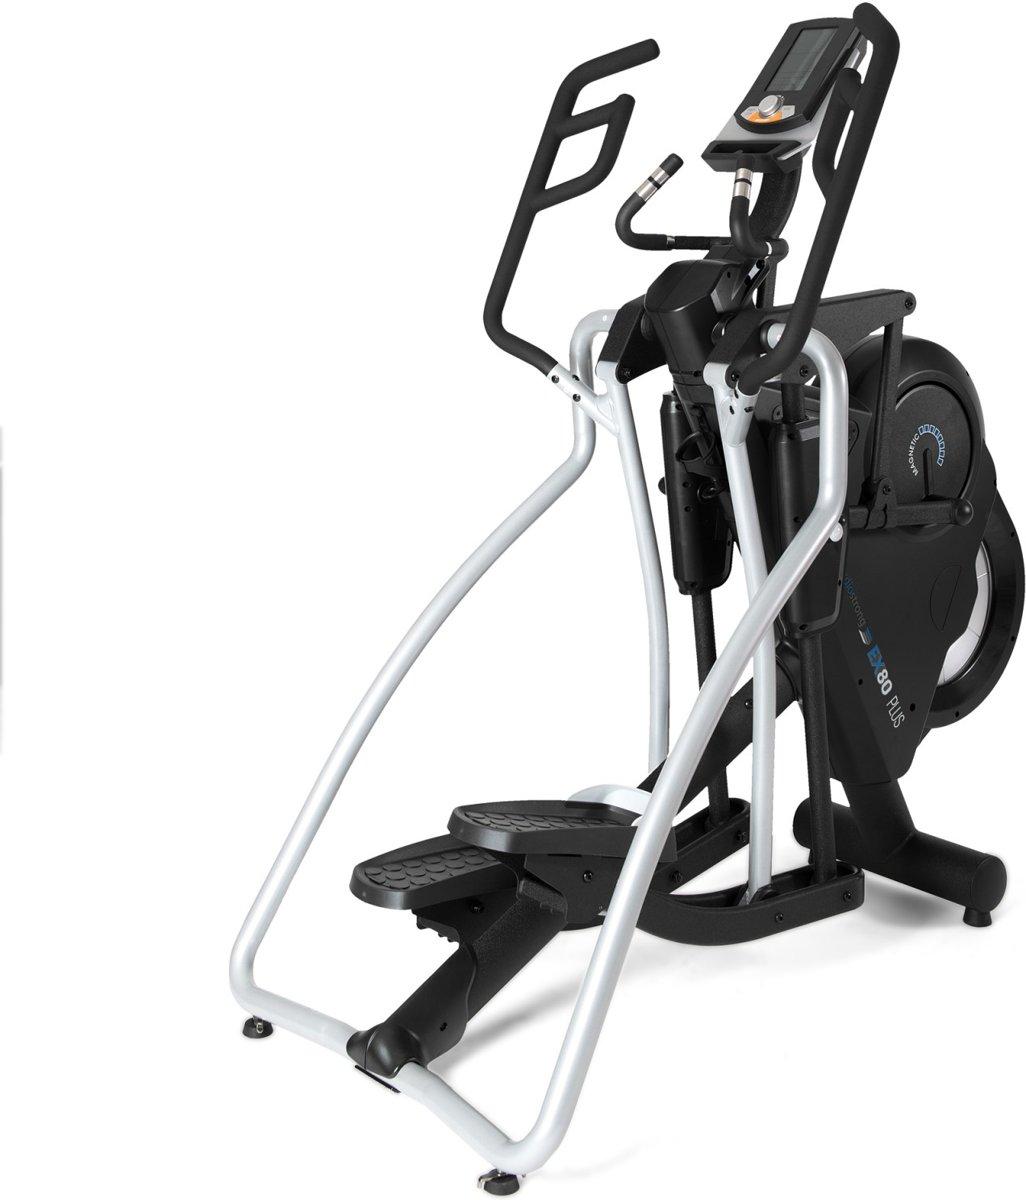 cardiostrong Crosstrainer EX80 Plus kopen